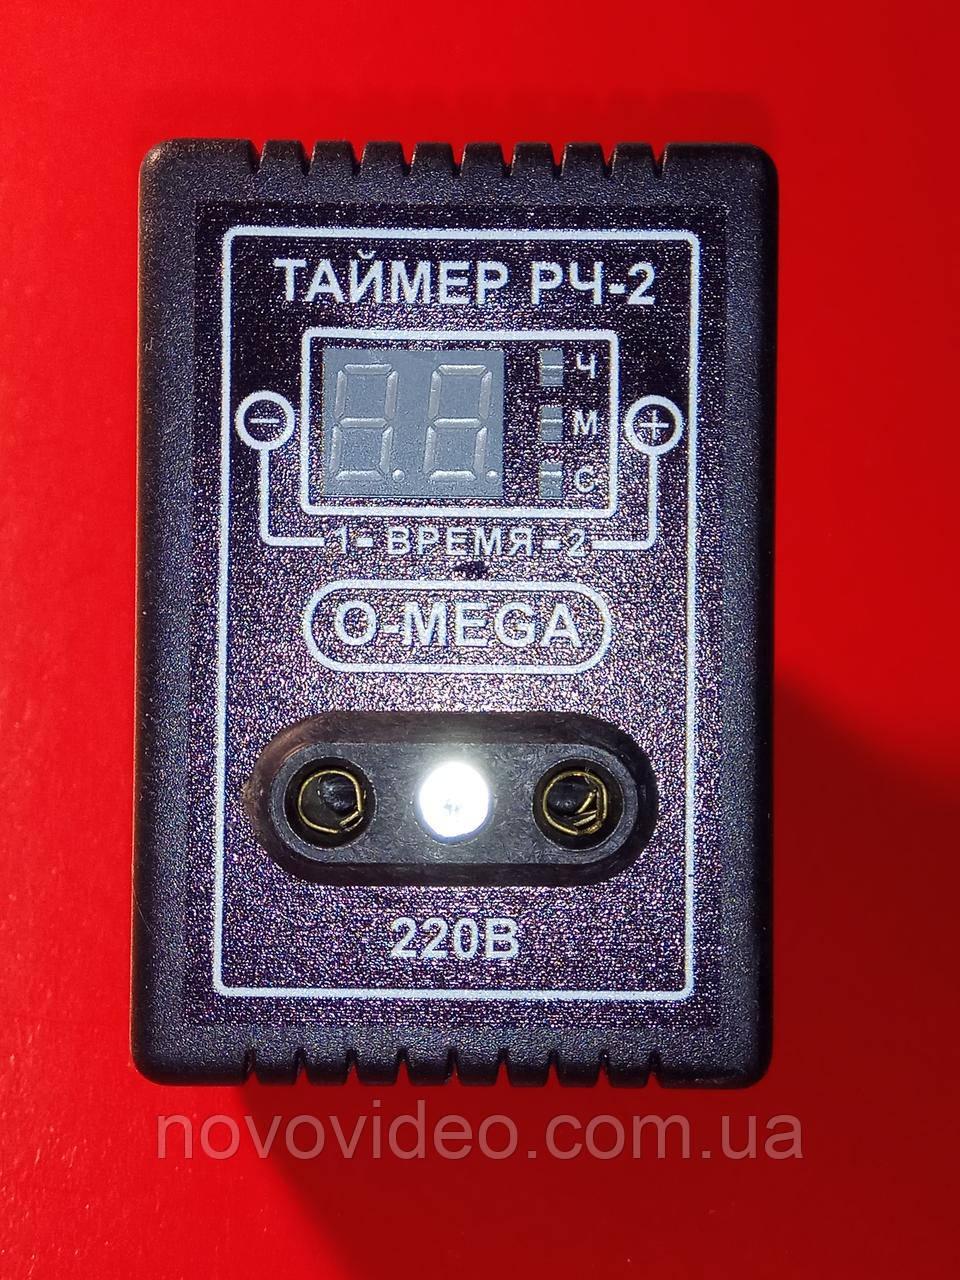 Таймер цифровой РЧ-2 для инкубатора циклический